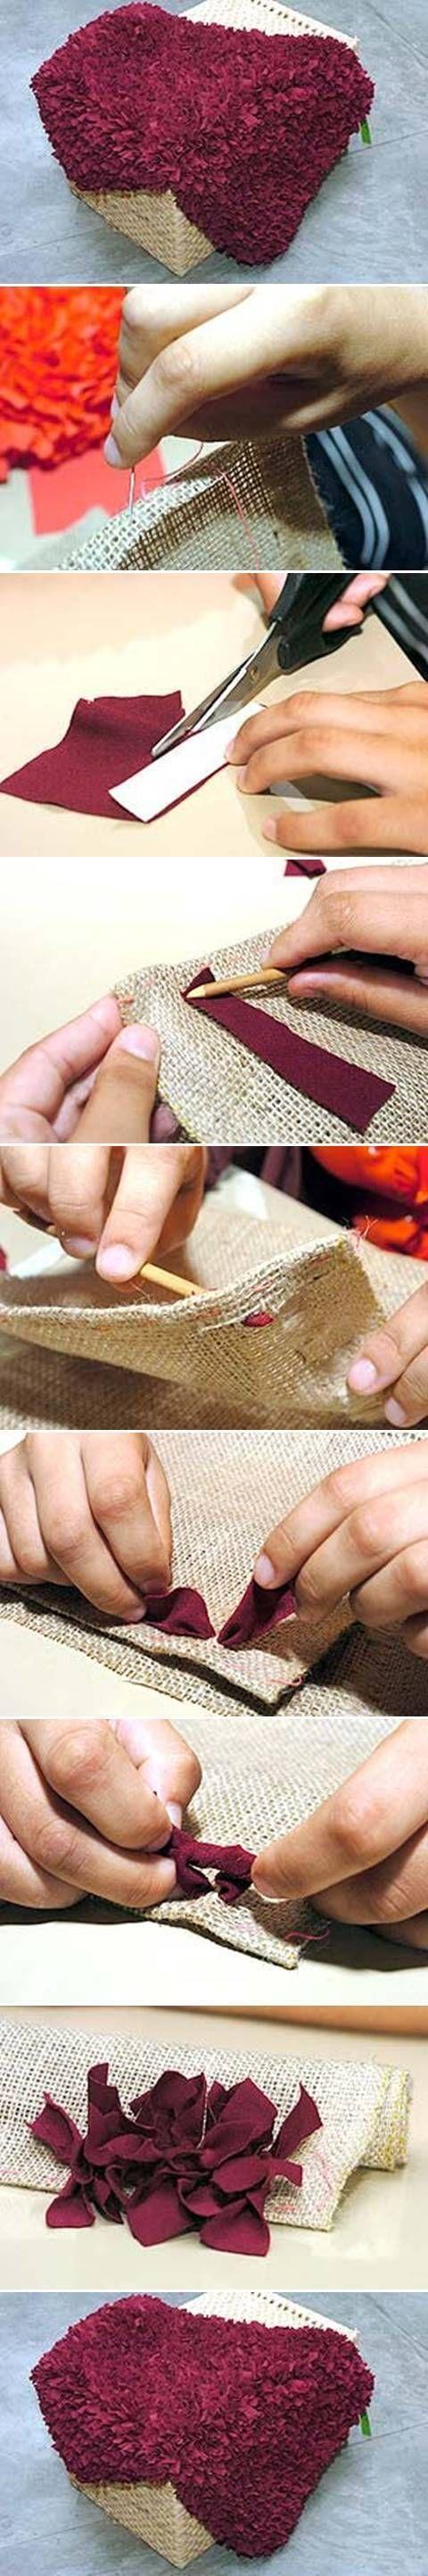 DIY Scrap Fabric Rug DIY Projects   UsefulDIY.com